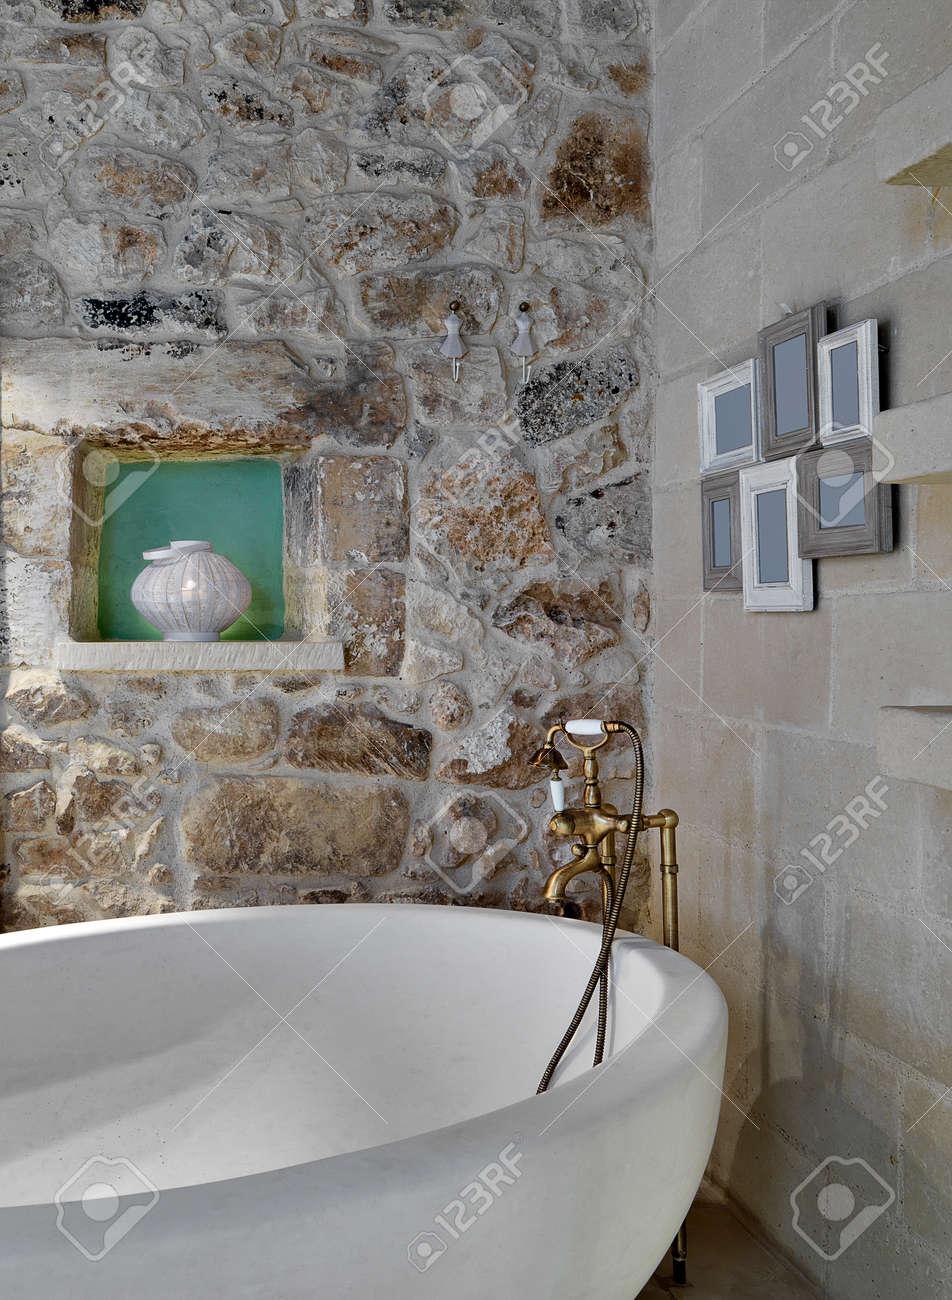 Banque Du0027images   Détail De Baignoire Dans Une Salle De Bains Rustique Avec  Des Murs En Pierre Et Niche